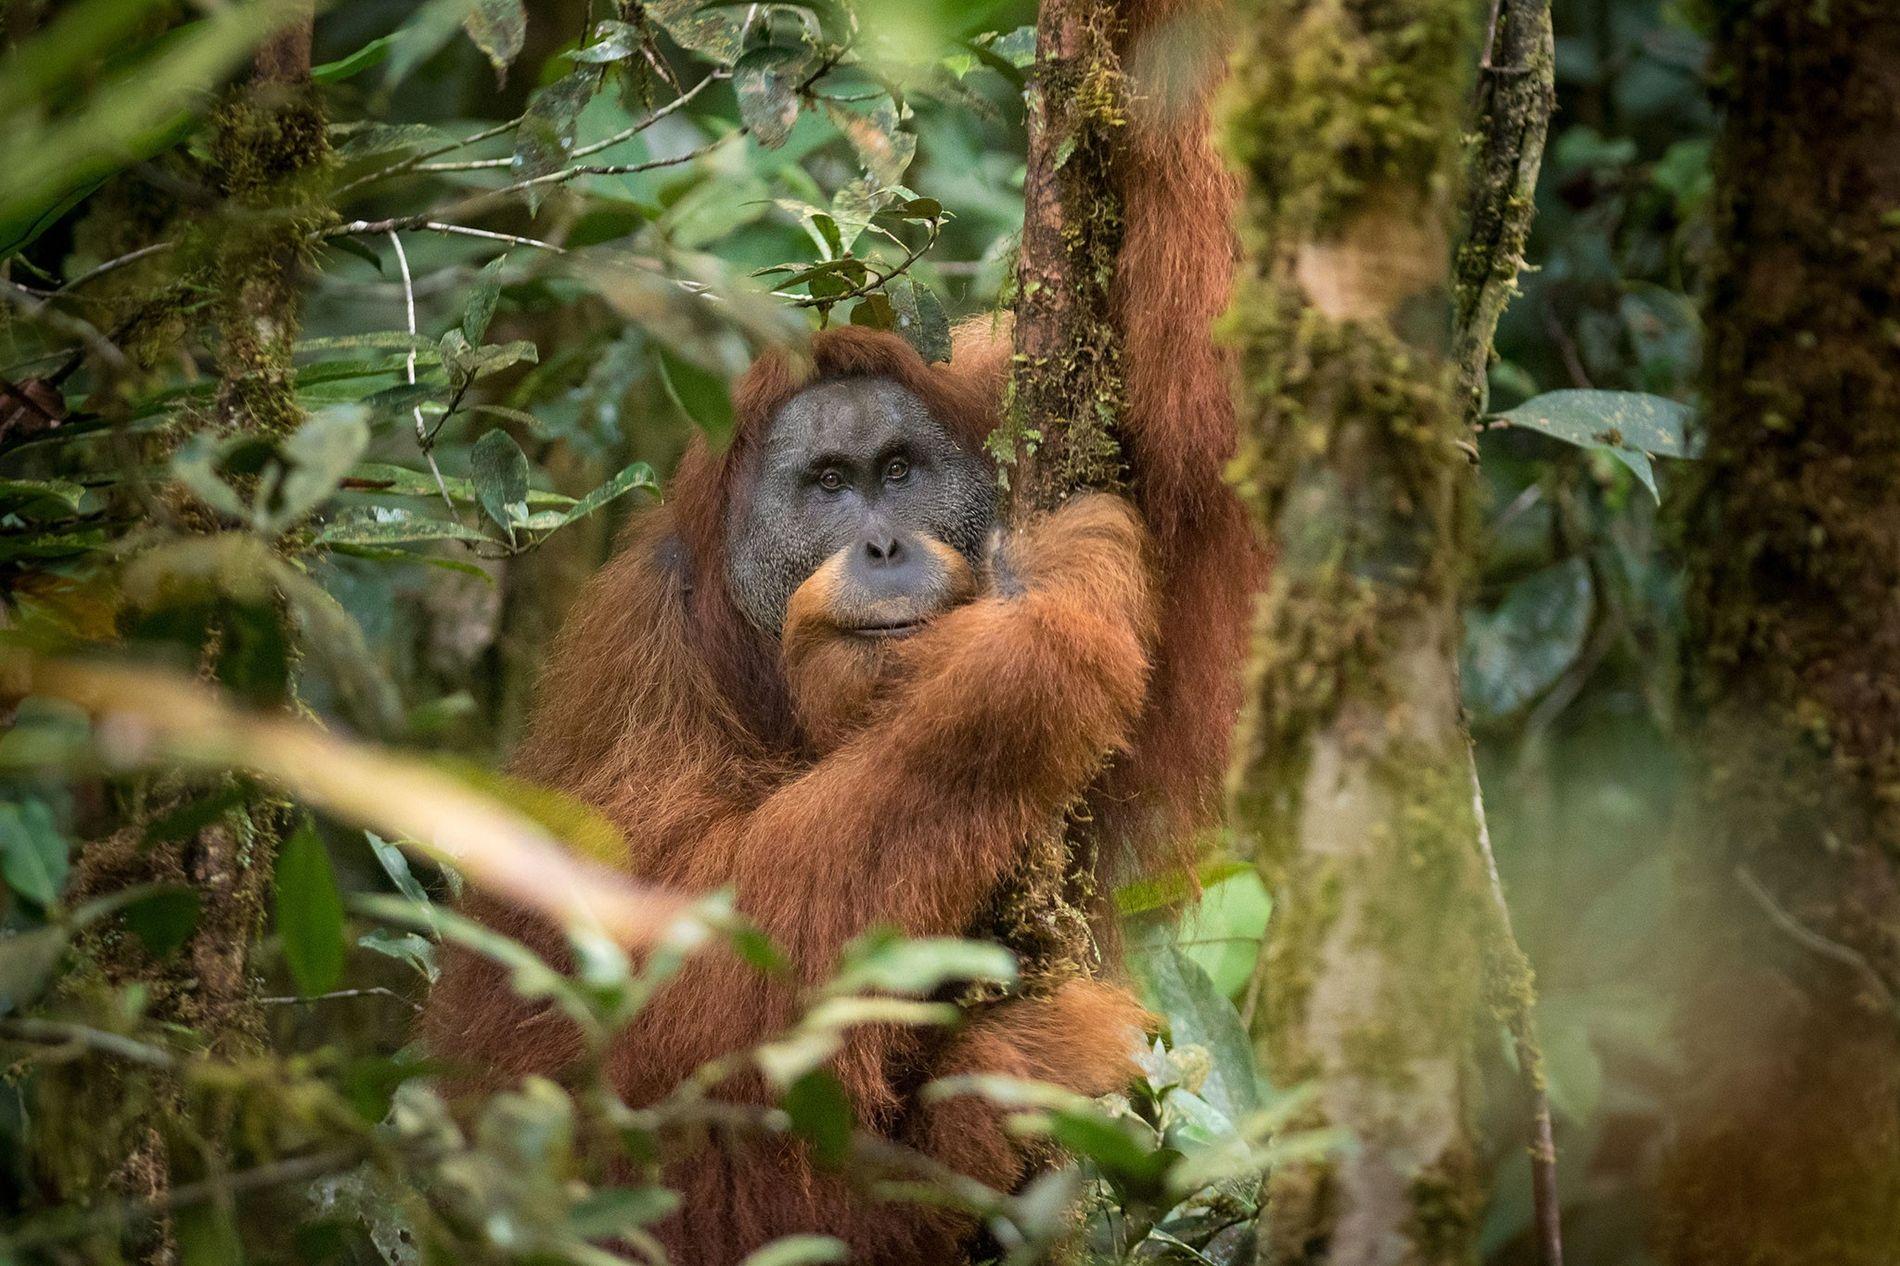 L'orang-outran de Tapanuli sur l'île de Sumatra est une nouvelle espèce de grand singe identifiée en ...